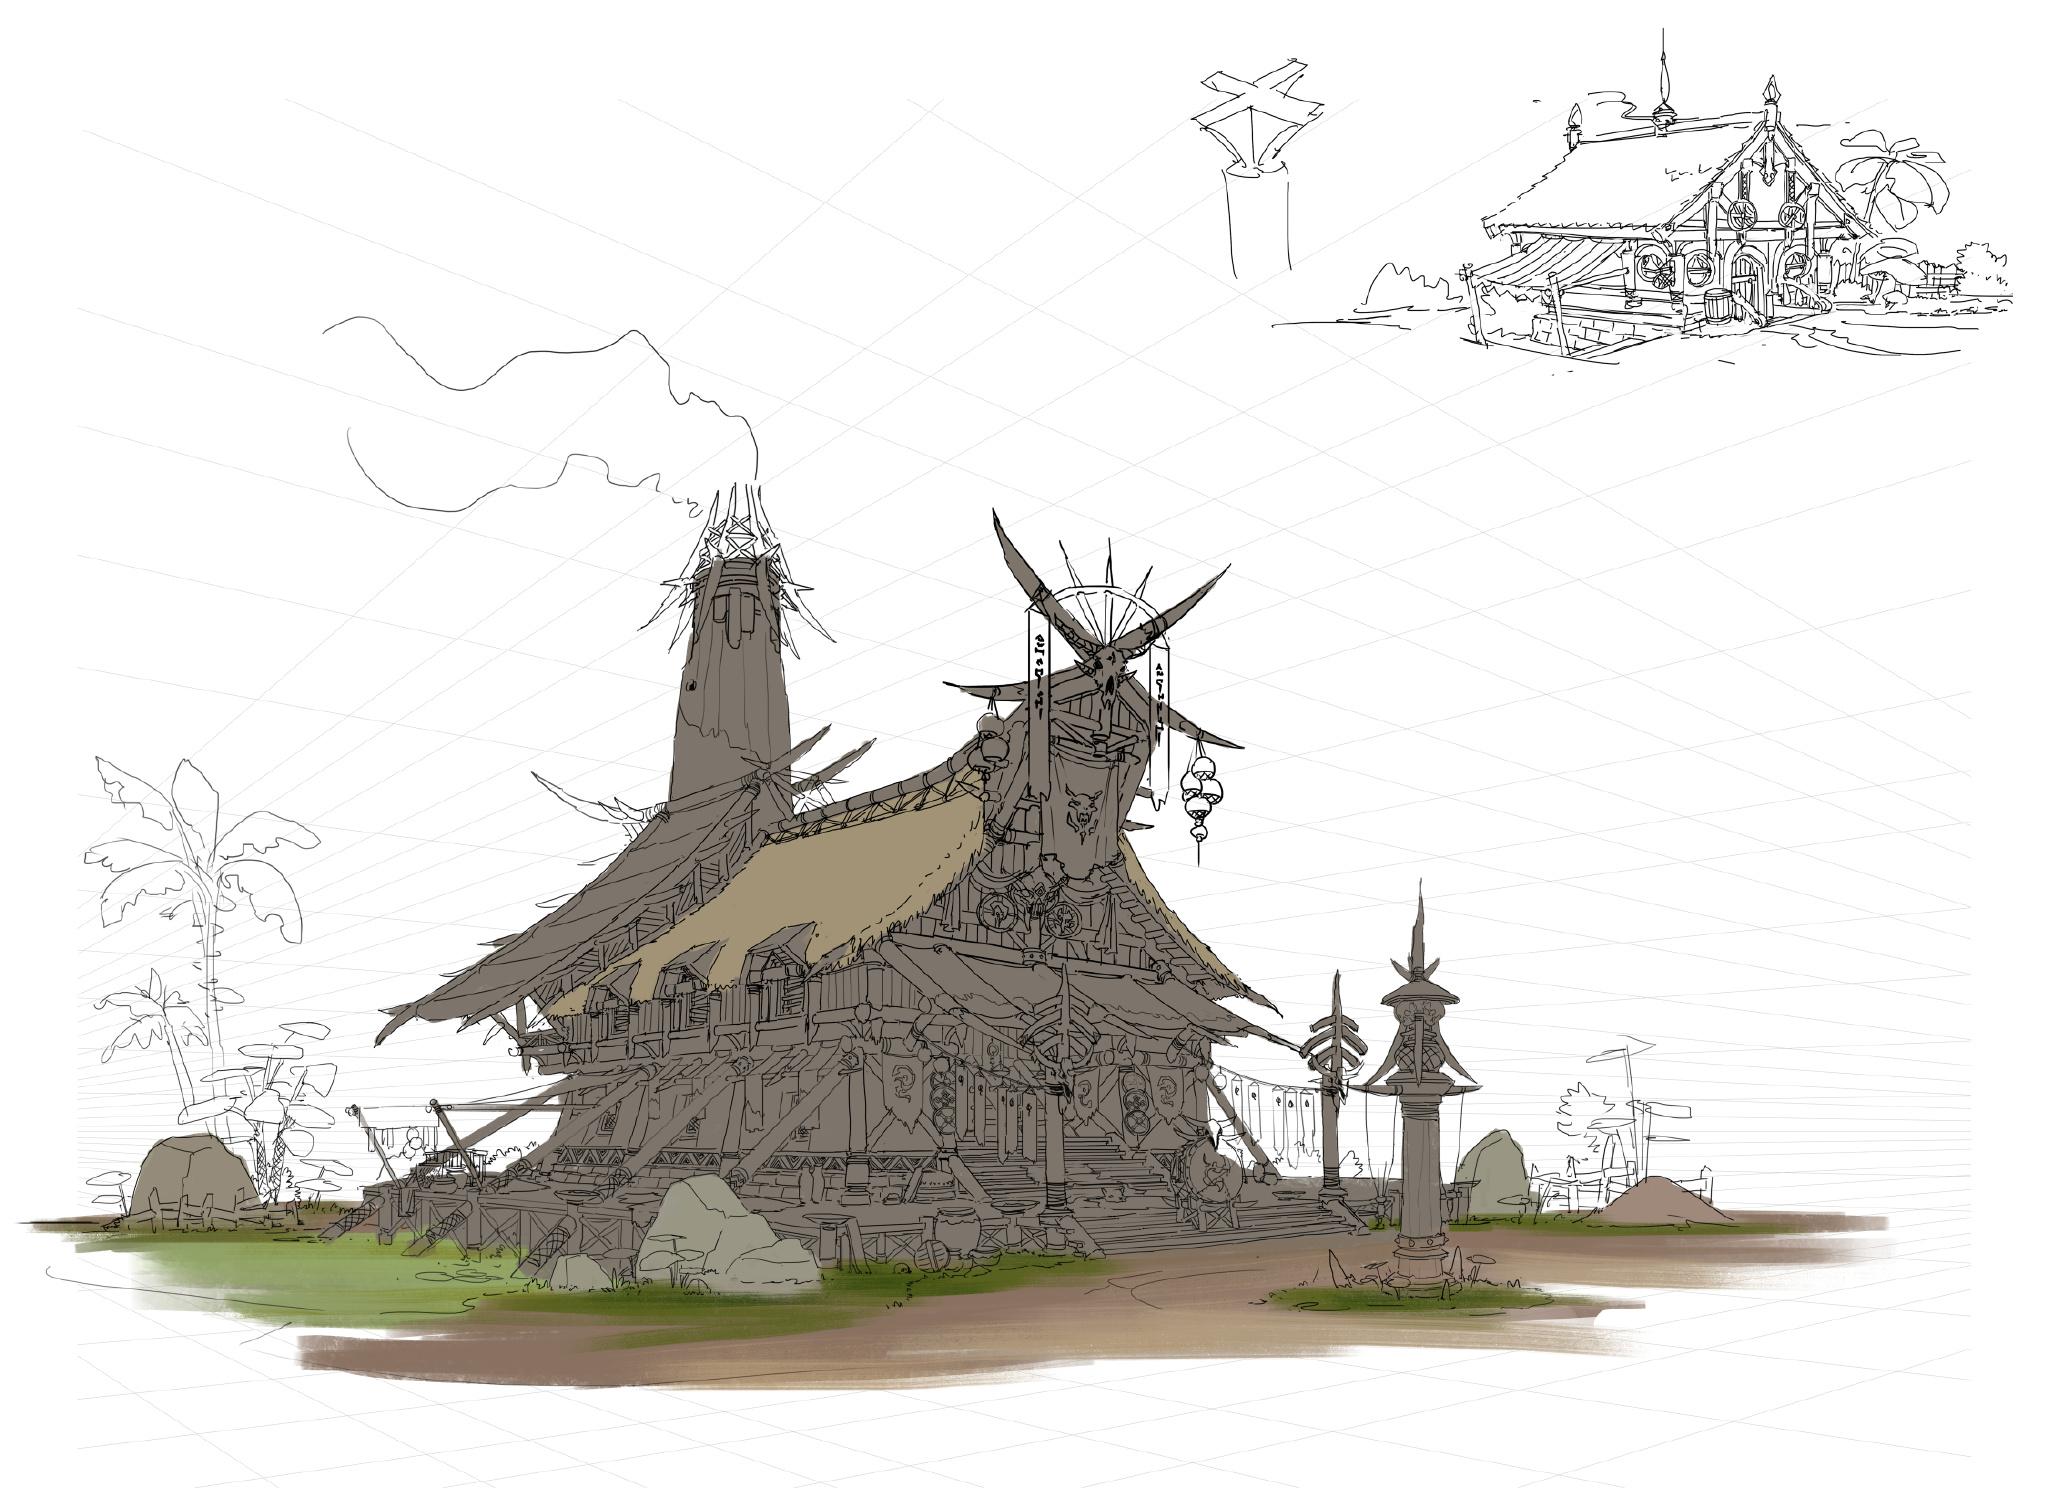 游戏原画场景设计 部落建筑详细过程图9